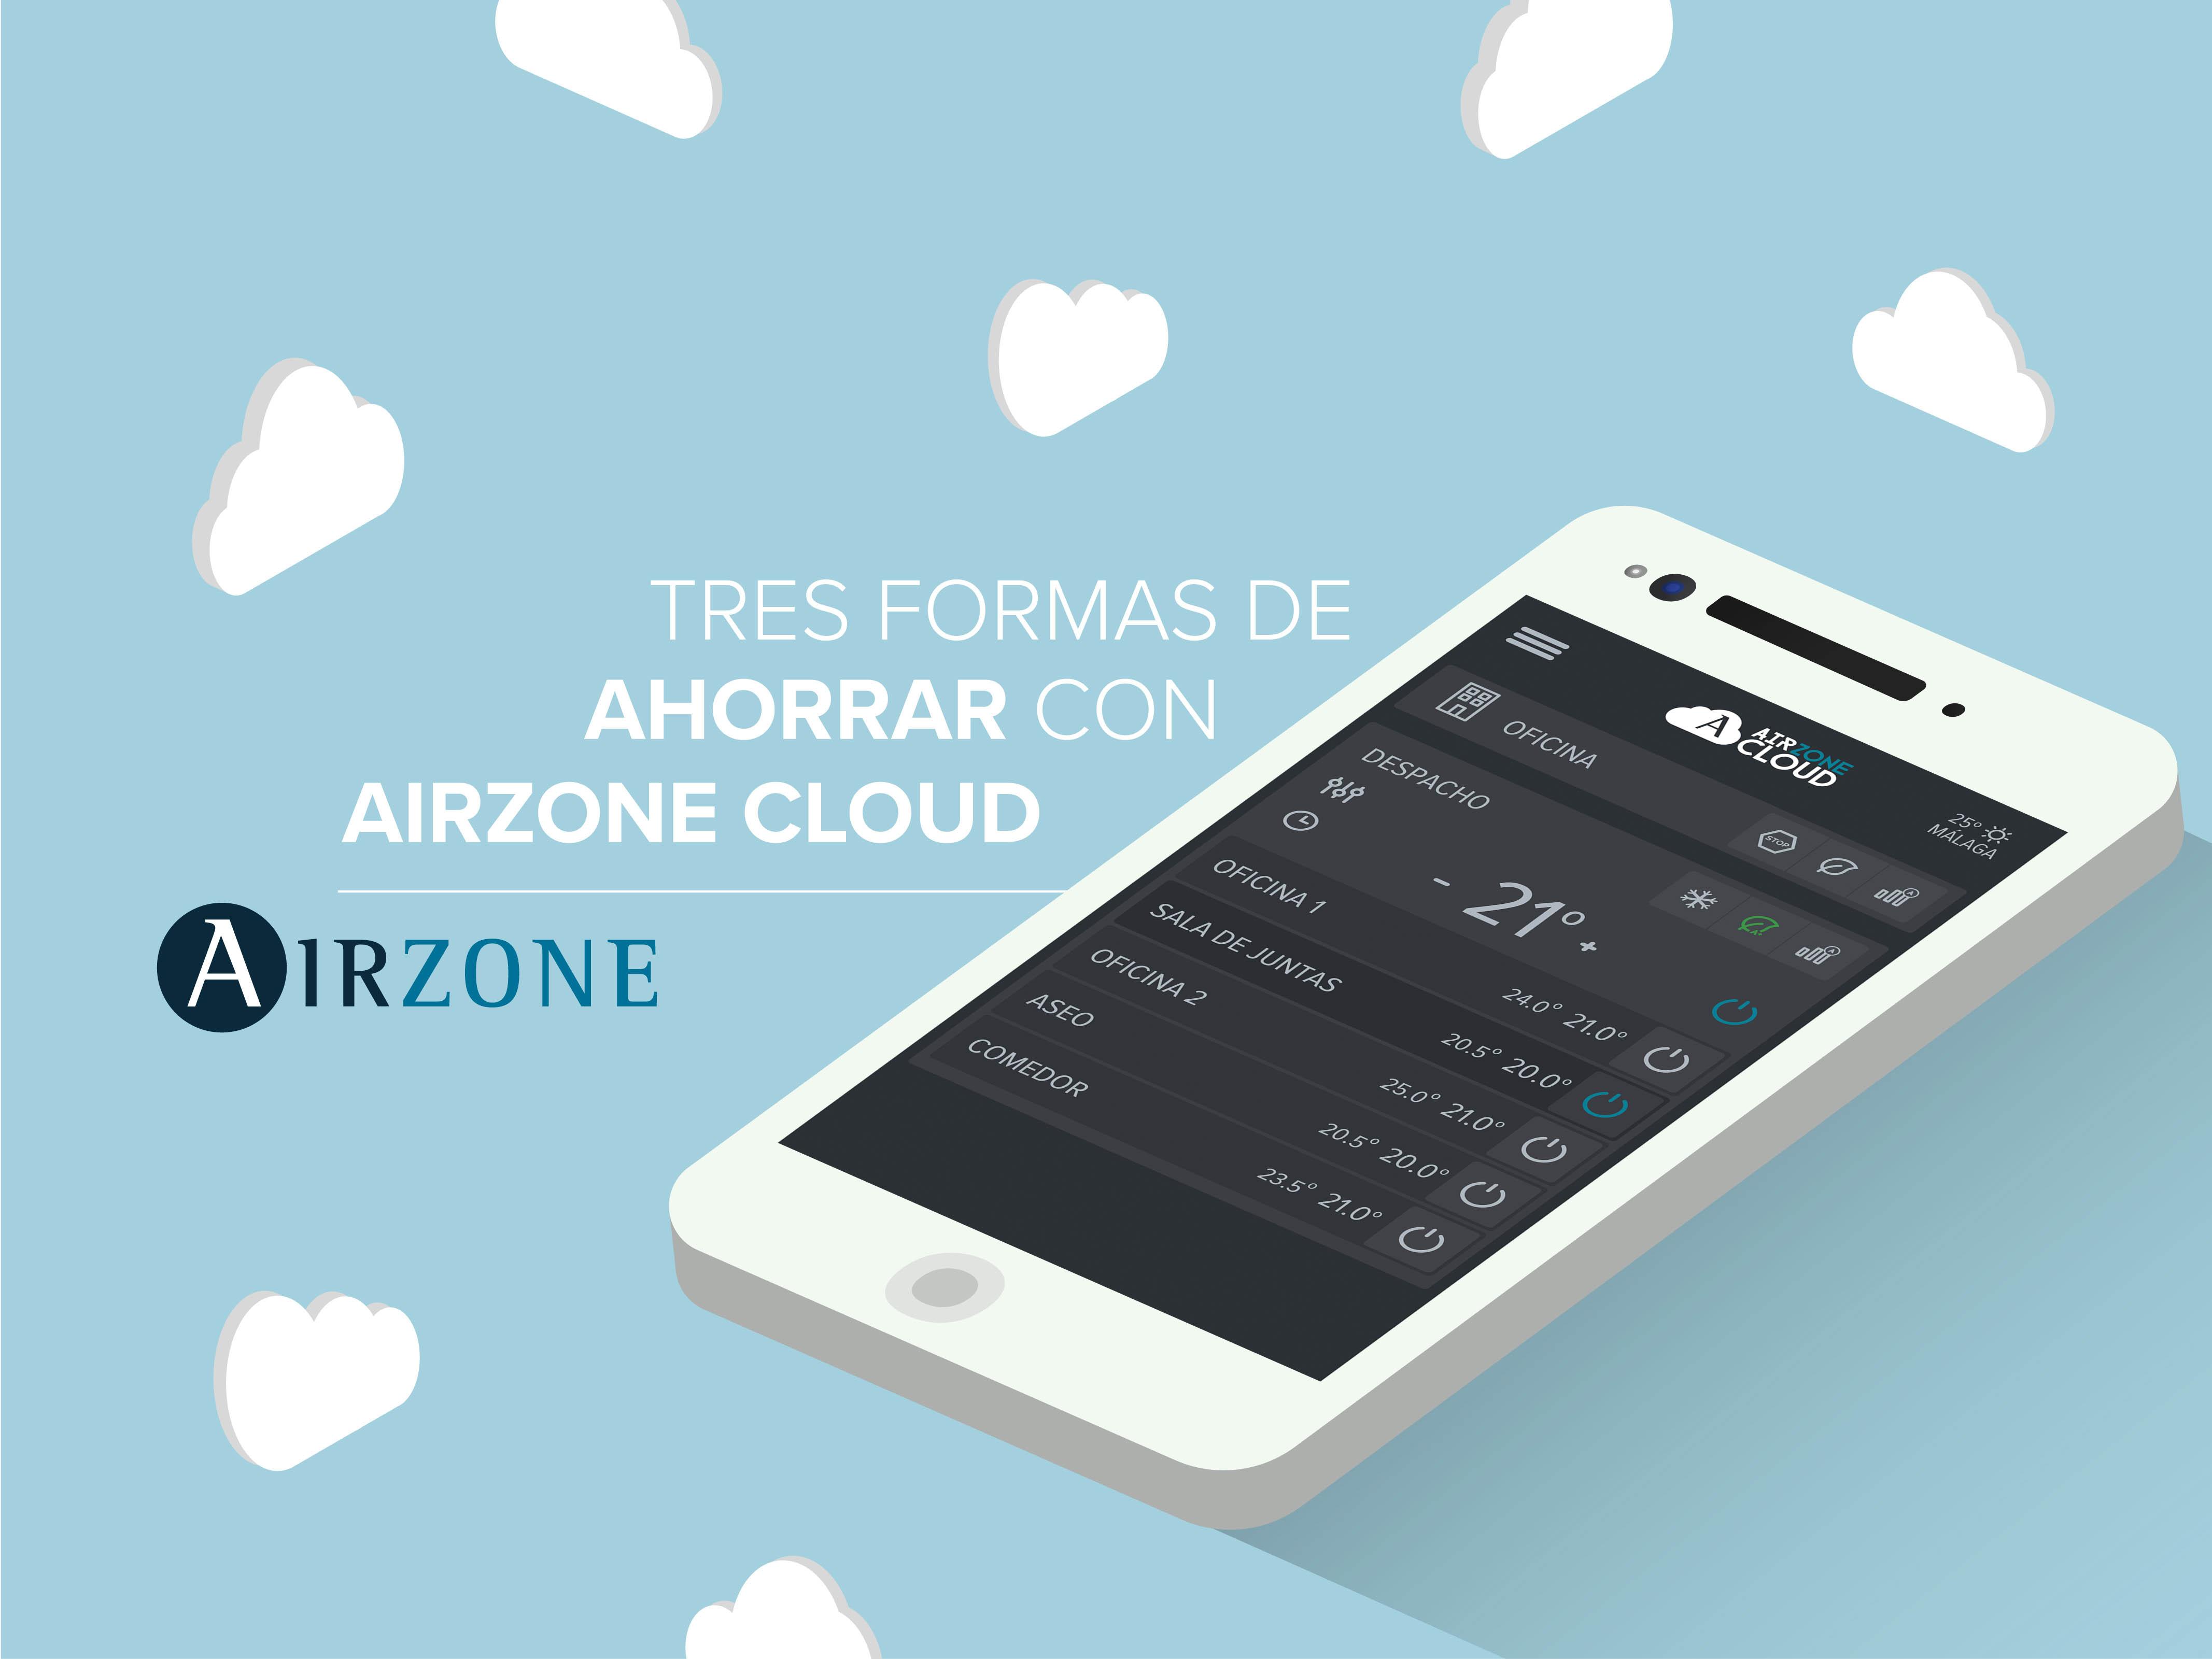 Cómo ahorrar con Airzone Cloud